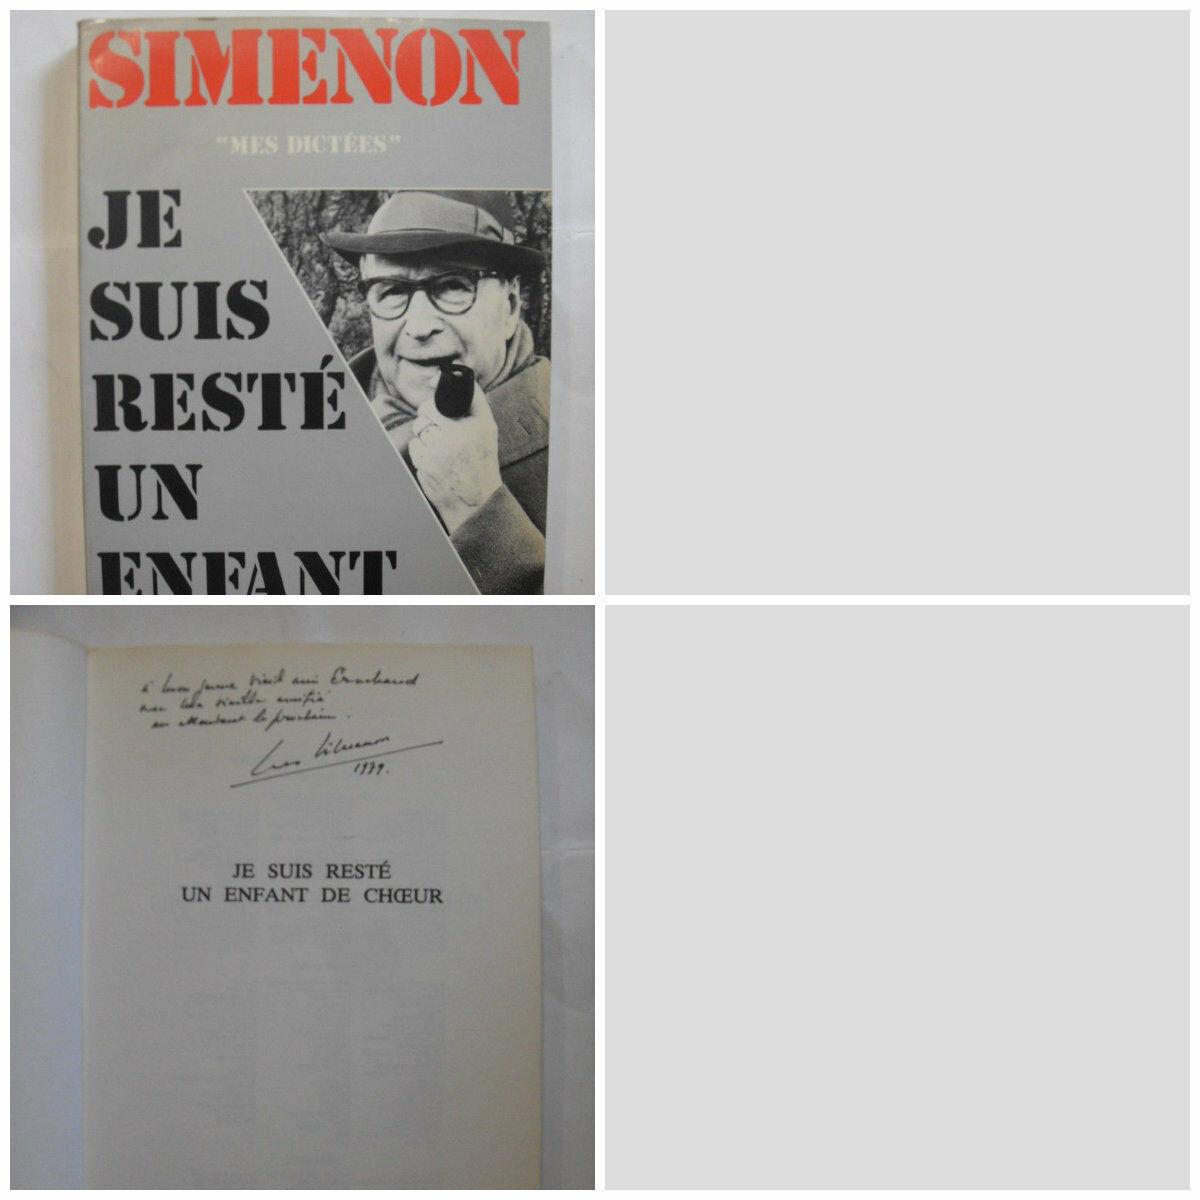 Sei un appasionato collezionista di Georges Simenon? dai uno sguardo qui!